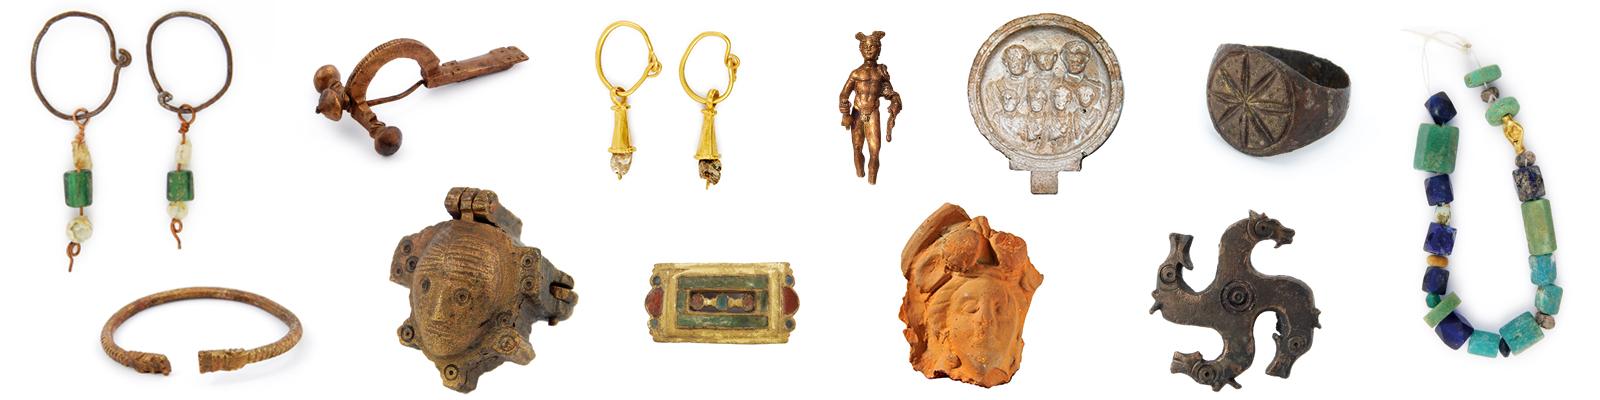 Nalazi sa Timakum minusa se čuvaju u muzejima u Nišu i Knjaževcu, kao i u Arheo-etno parku nedaleko od lokaliteta, foto: Zavičajni muzej Knjaževac